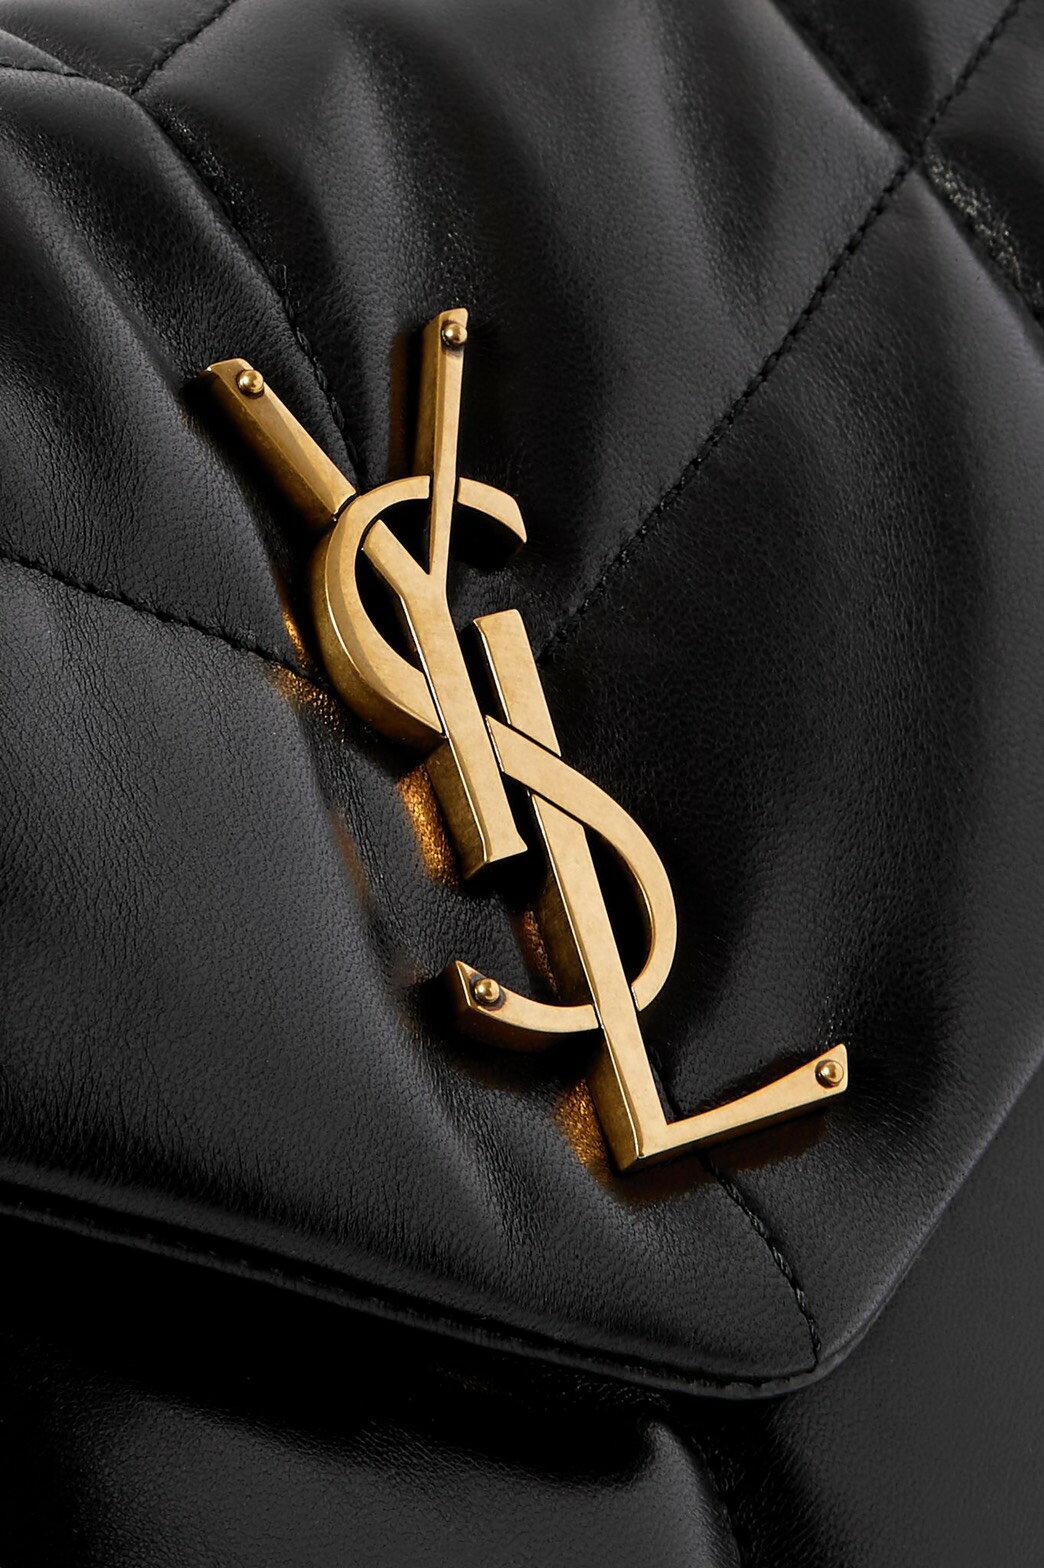 SAINT LAURENT YSL Loulou小號側背包 尺寸10*21*27cm $5xxxx/個